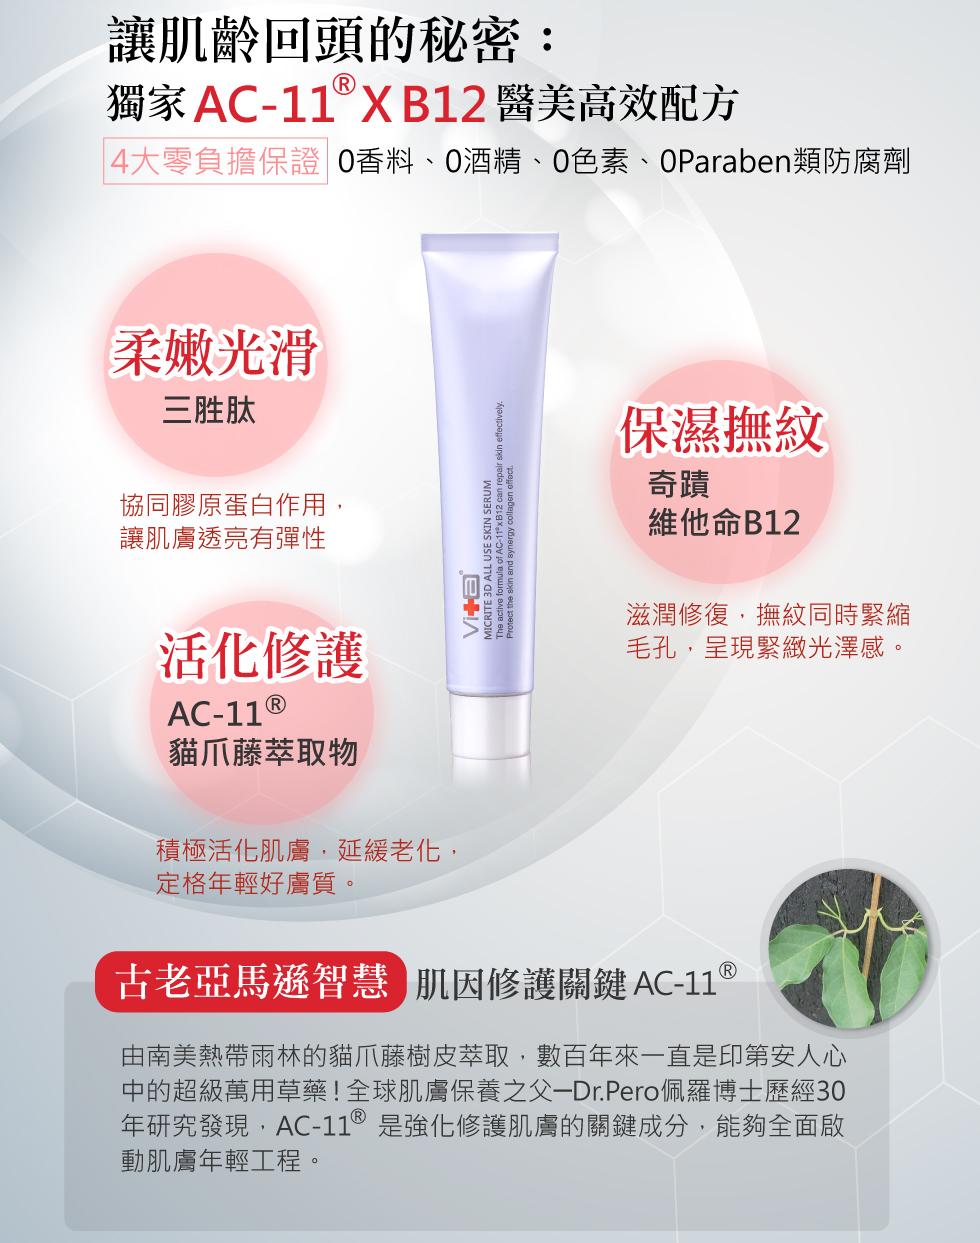 薇佳微晶3D全能精華 部落客推薦